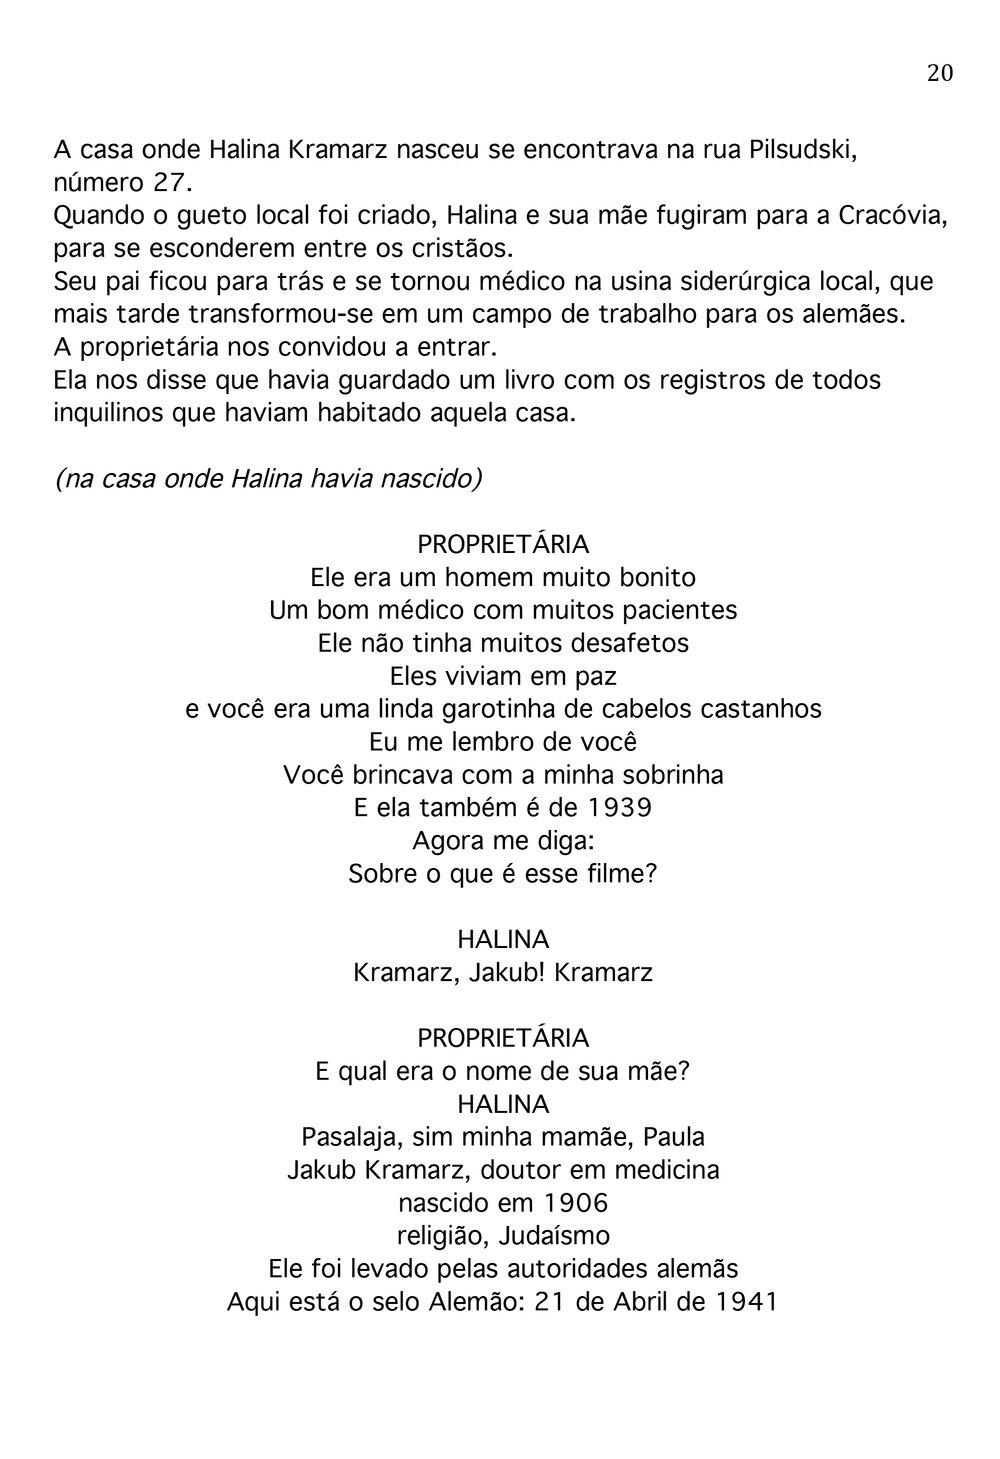 PORTUGUESE-SCRIPT-20.jpg